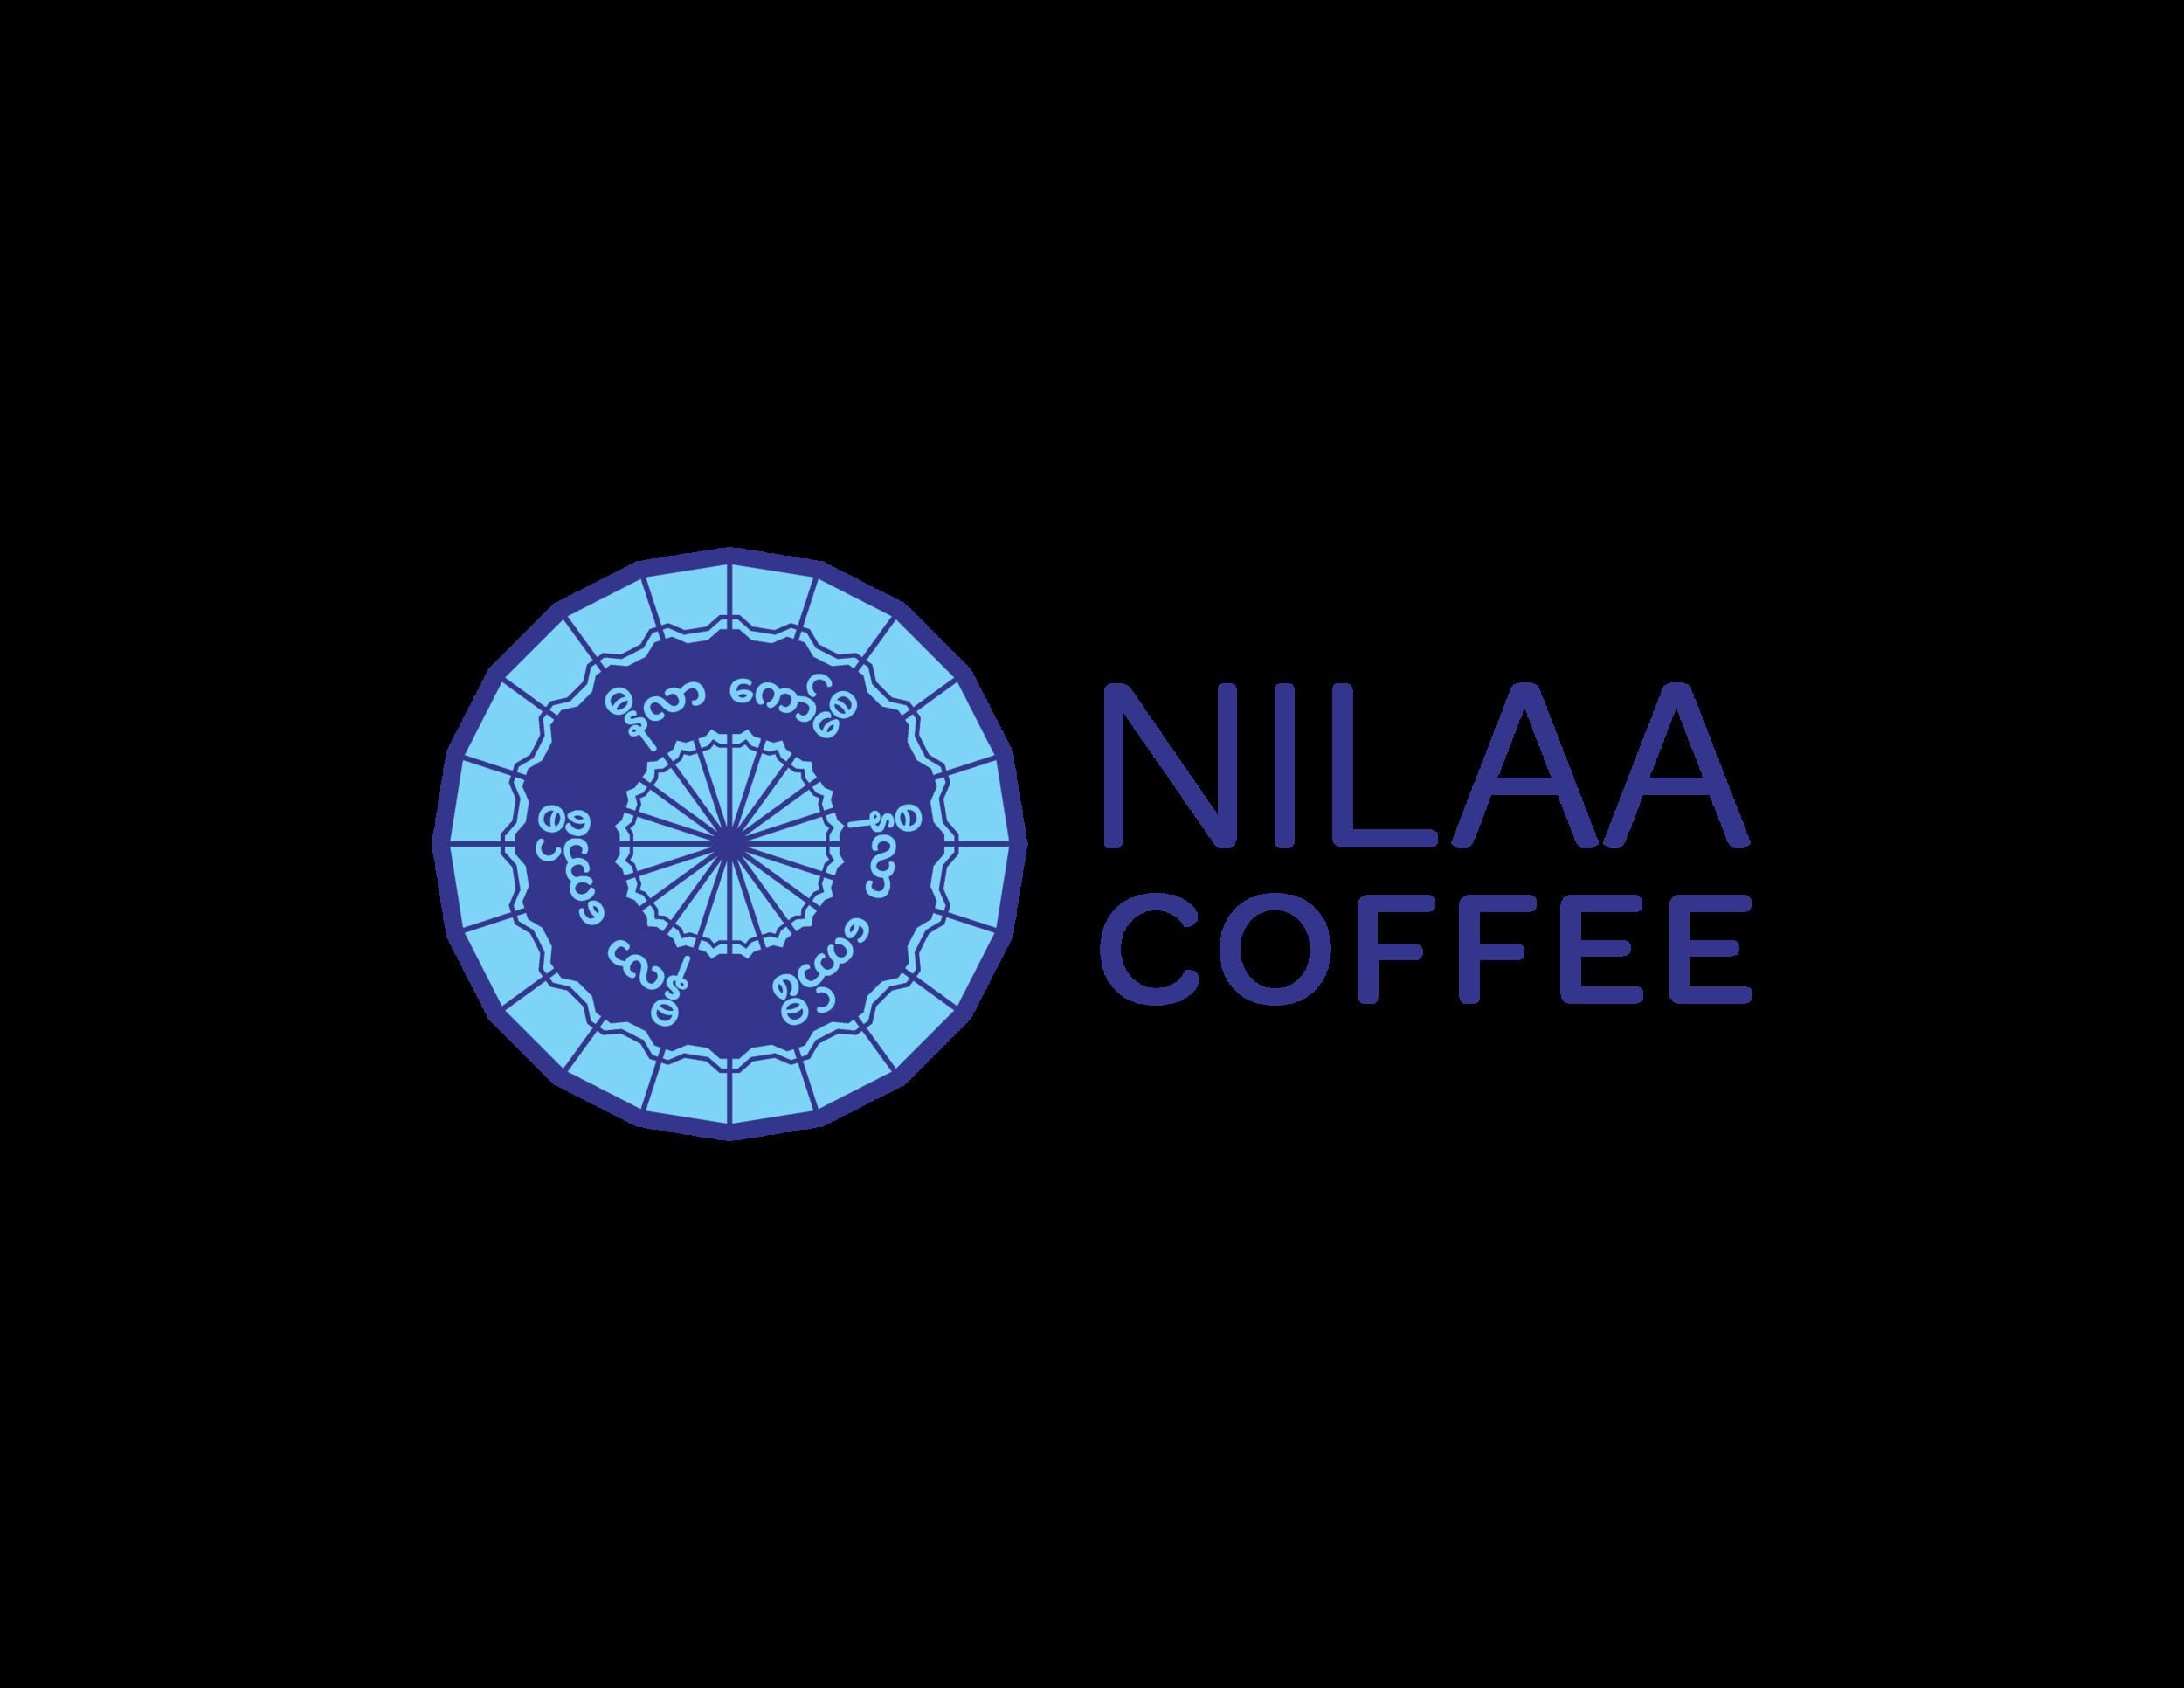 Nilaa_logo_final-01.png